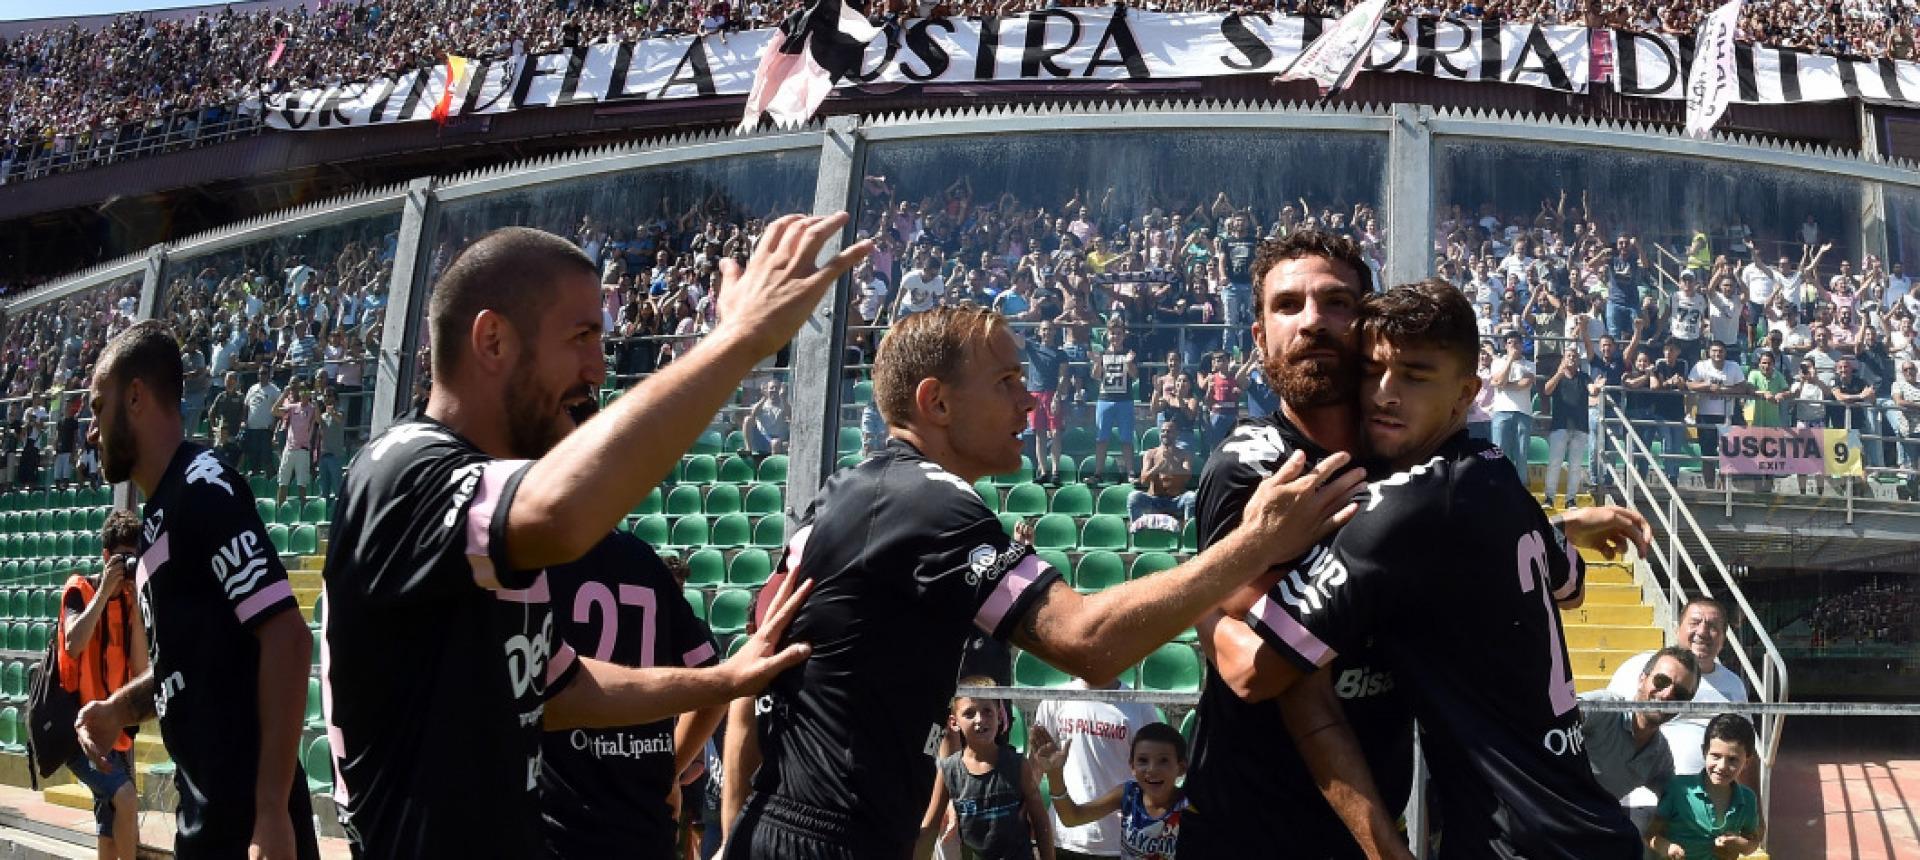 VENTI CONVOCATI PER FC MESSINA-PALERMO